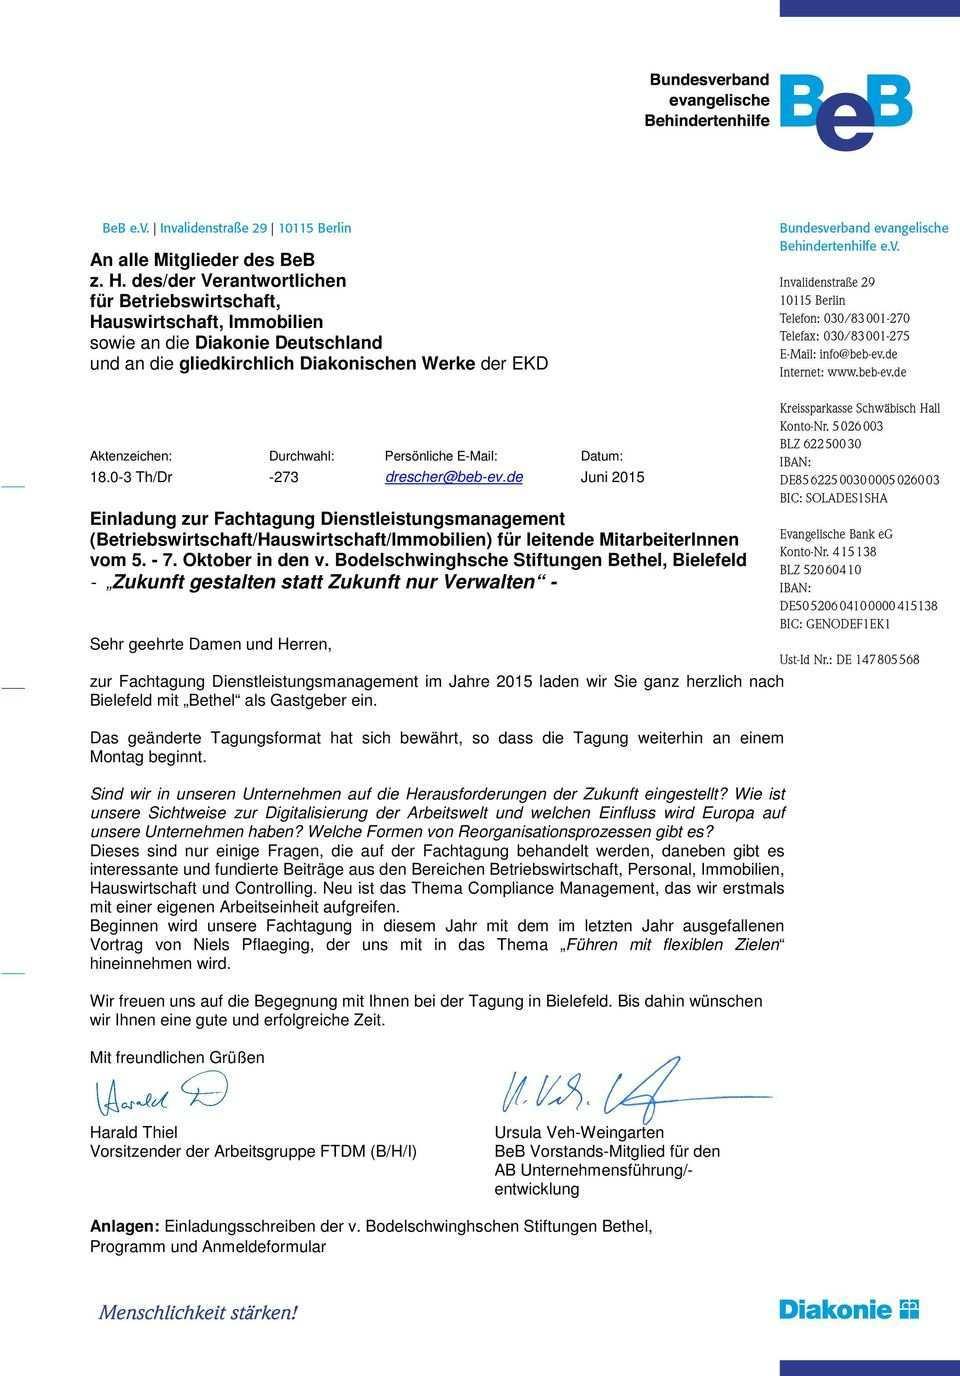 Wir Laden Sie Herzlich Zur Diesjahrigen Fachtagung Dienstleistungsmanagement Nach Bielefeld Ein Pdf Kostenfreier Download